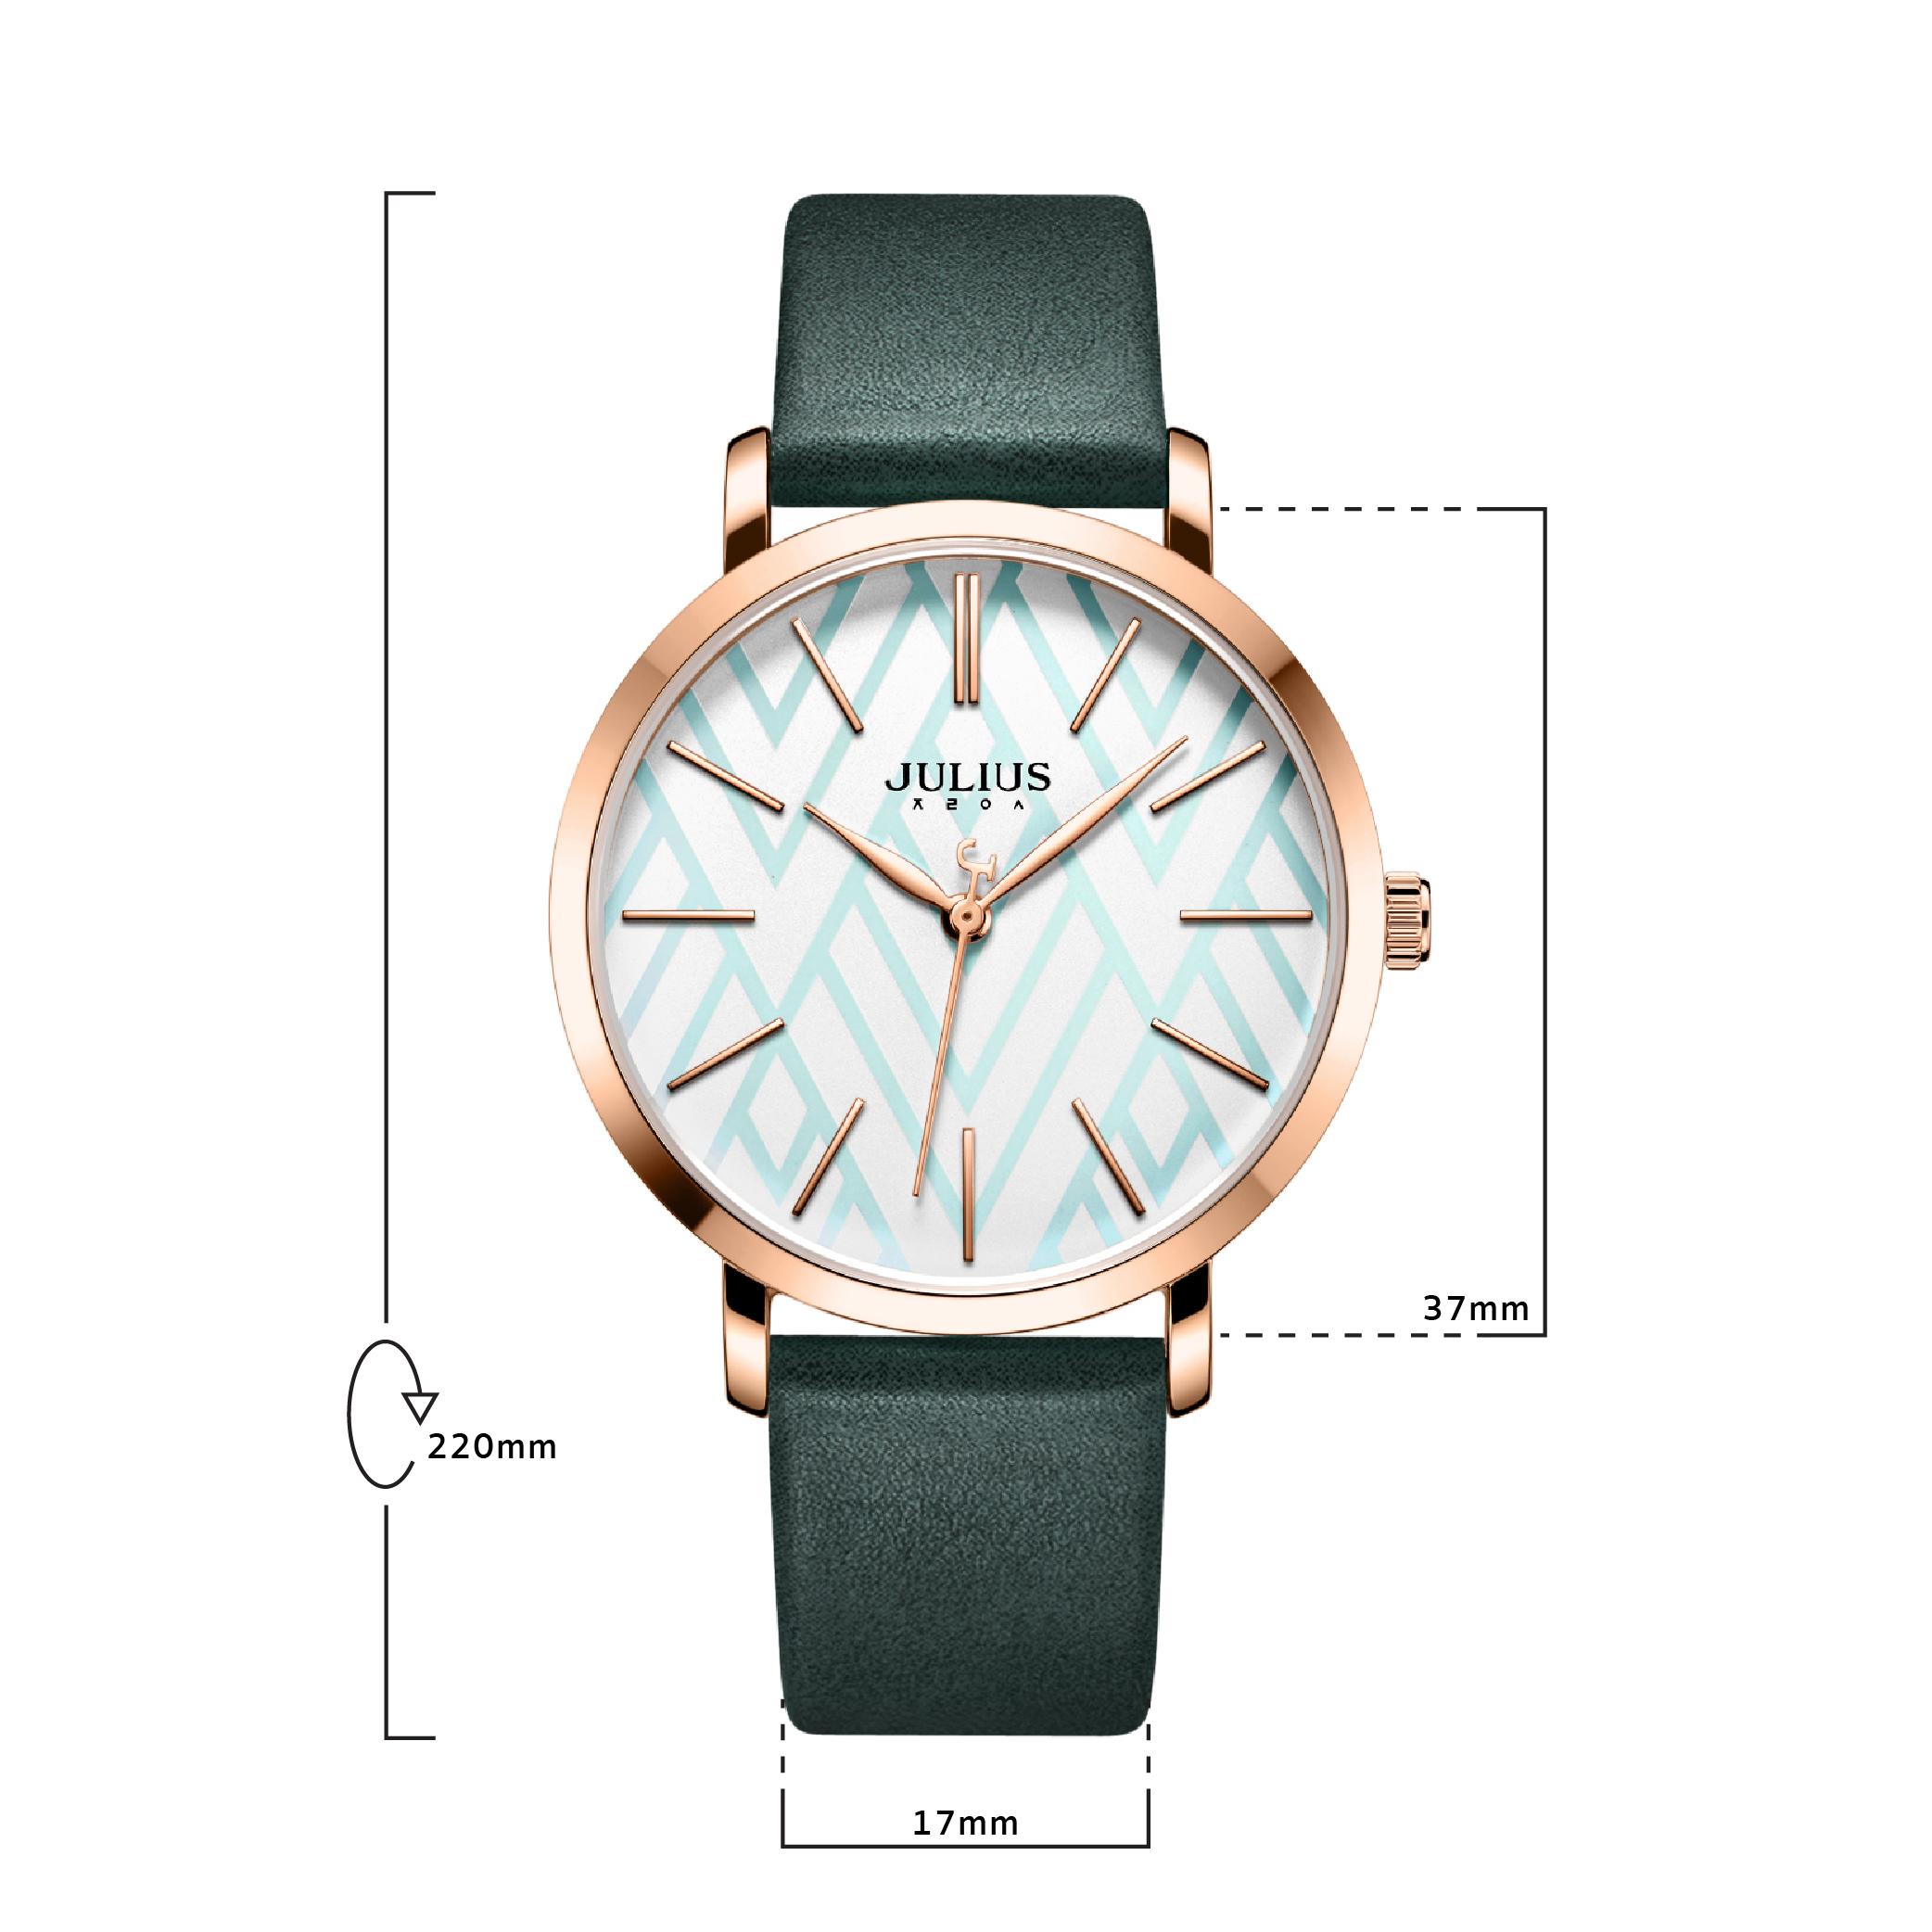 นาฬิกาข้อมือผู้หญิง JULIUS 1114E